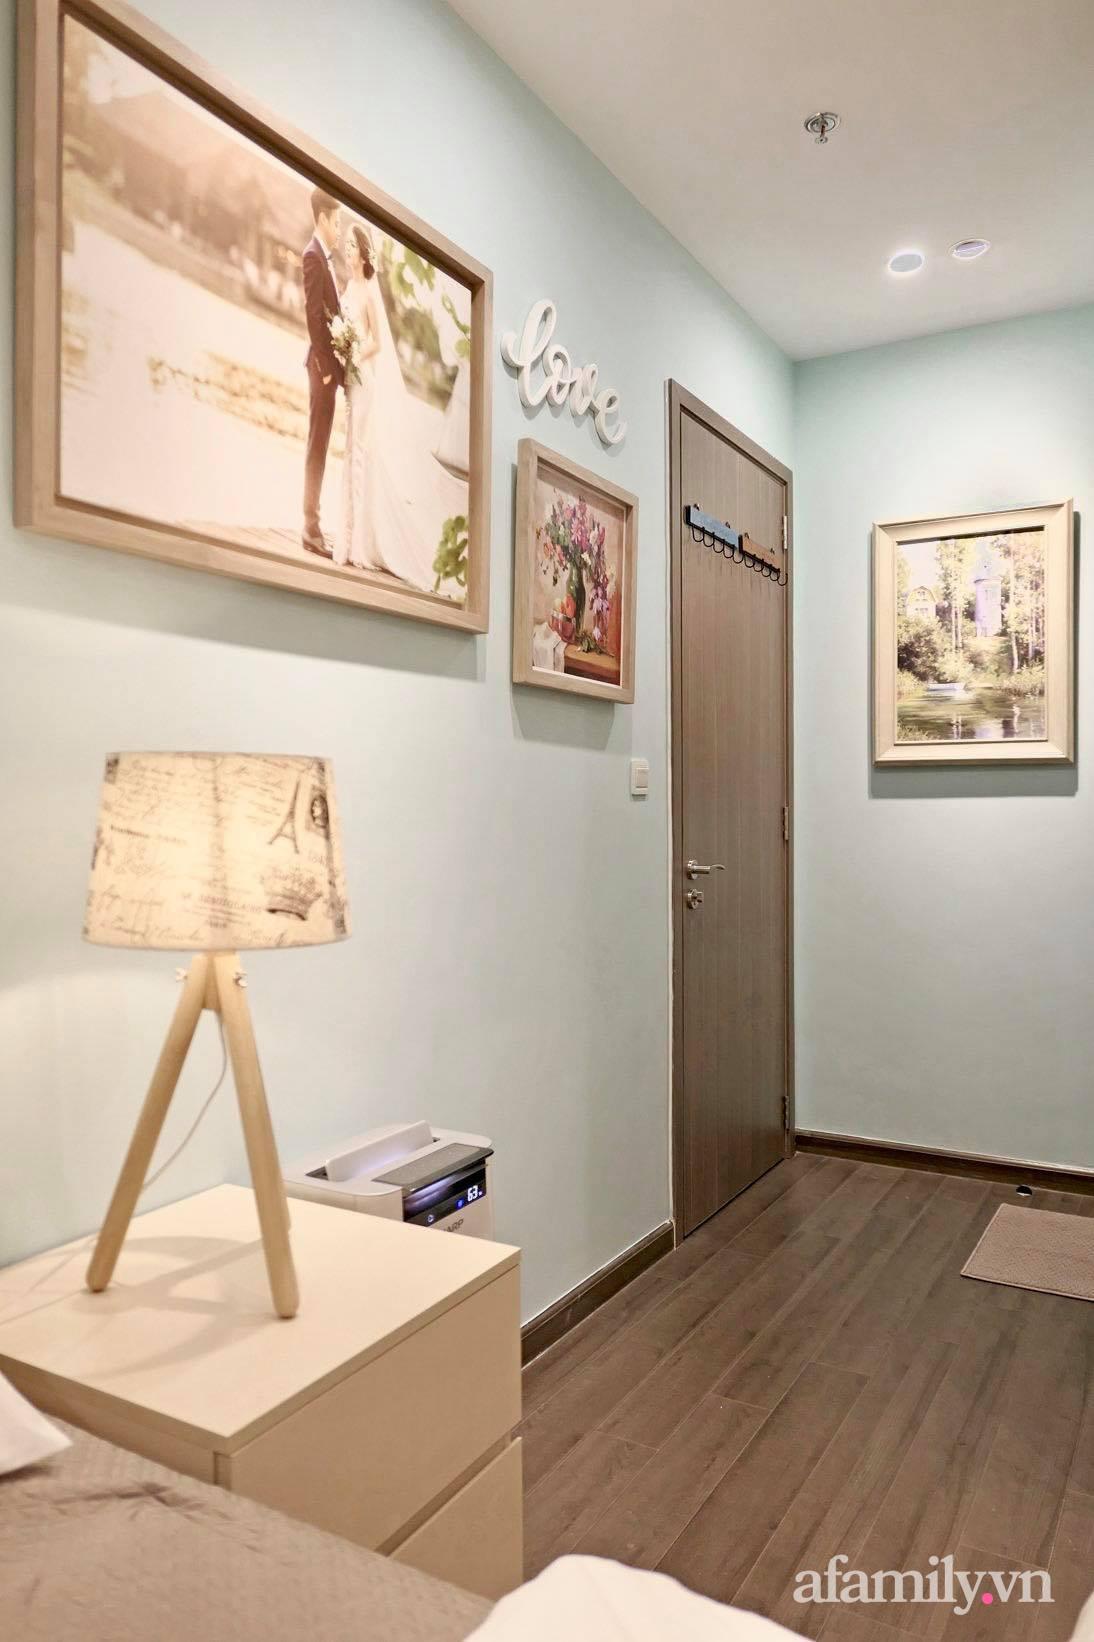 """Căn hộ 70m2 decor siêu dễ thương được chủ nhà hoàn thiện """"vội"""" trong 1 tuần ở Hà Nội - Ảnh 19."""